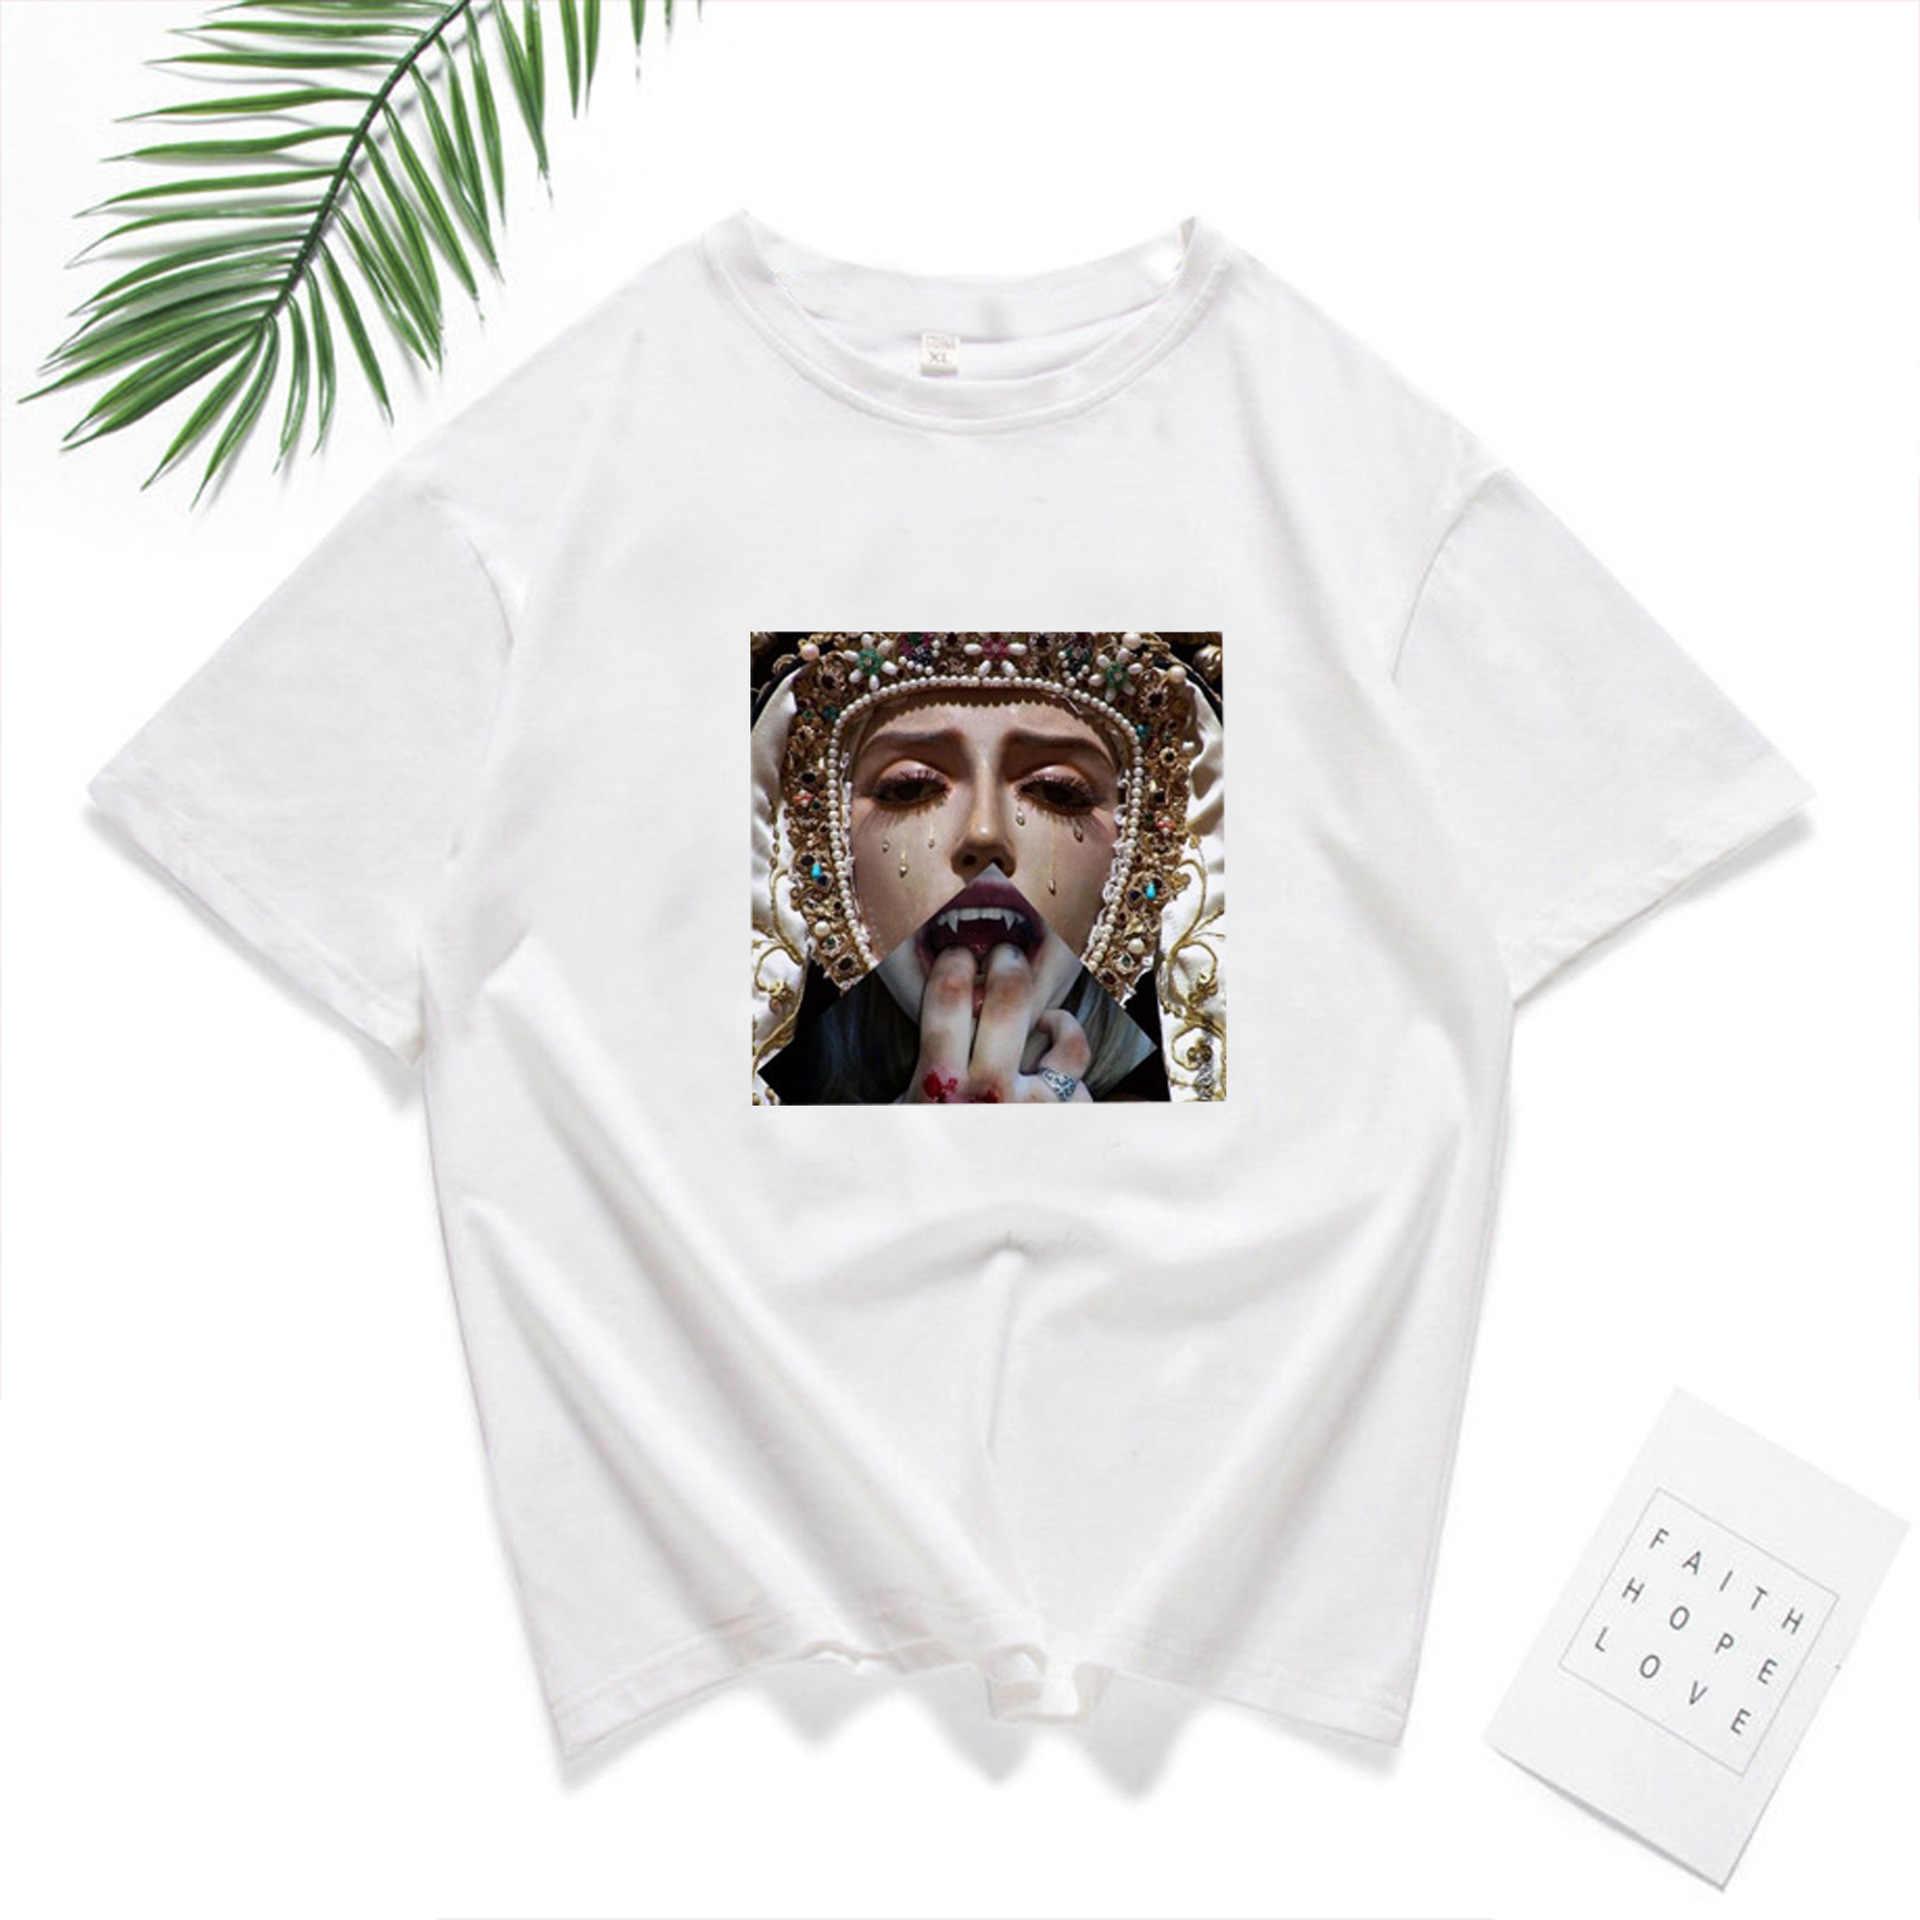 Mona Lisa T Shirt kobiet parodia osobowość moda Tshirt lato 2019 Harajuku estetyki z krótkim rękawem białe topy kobiet T-shirt